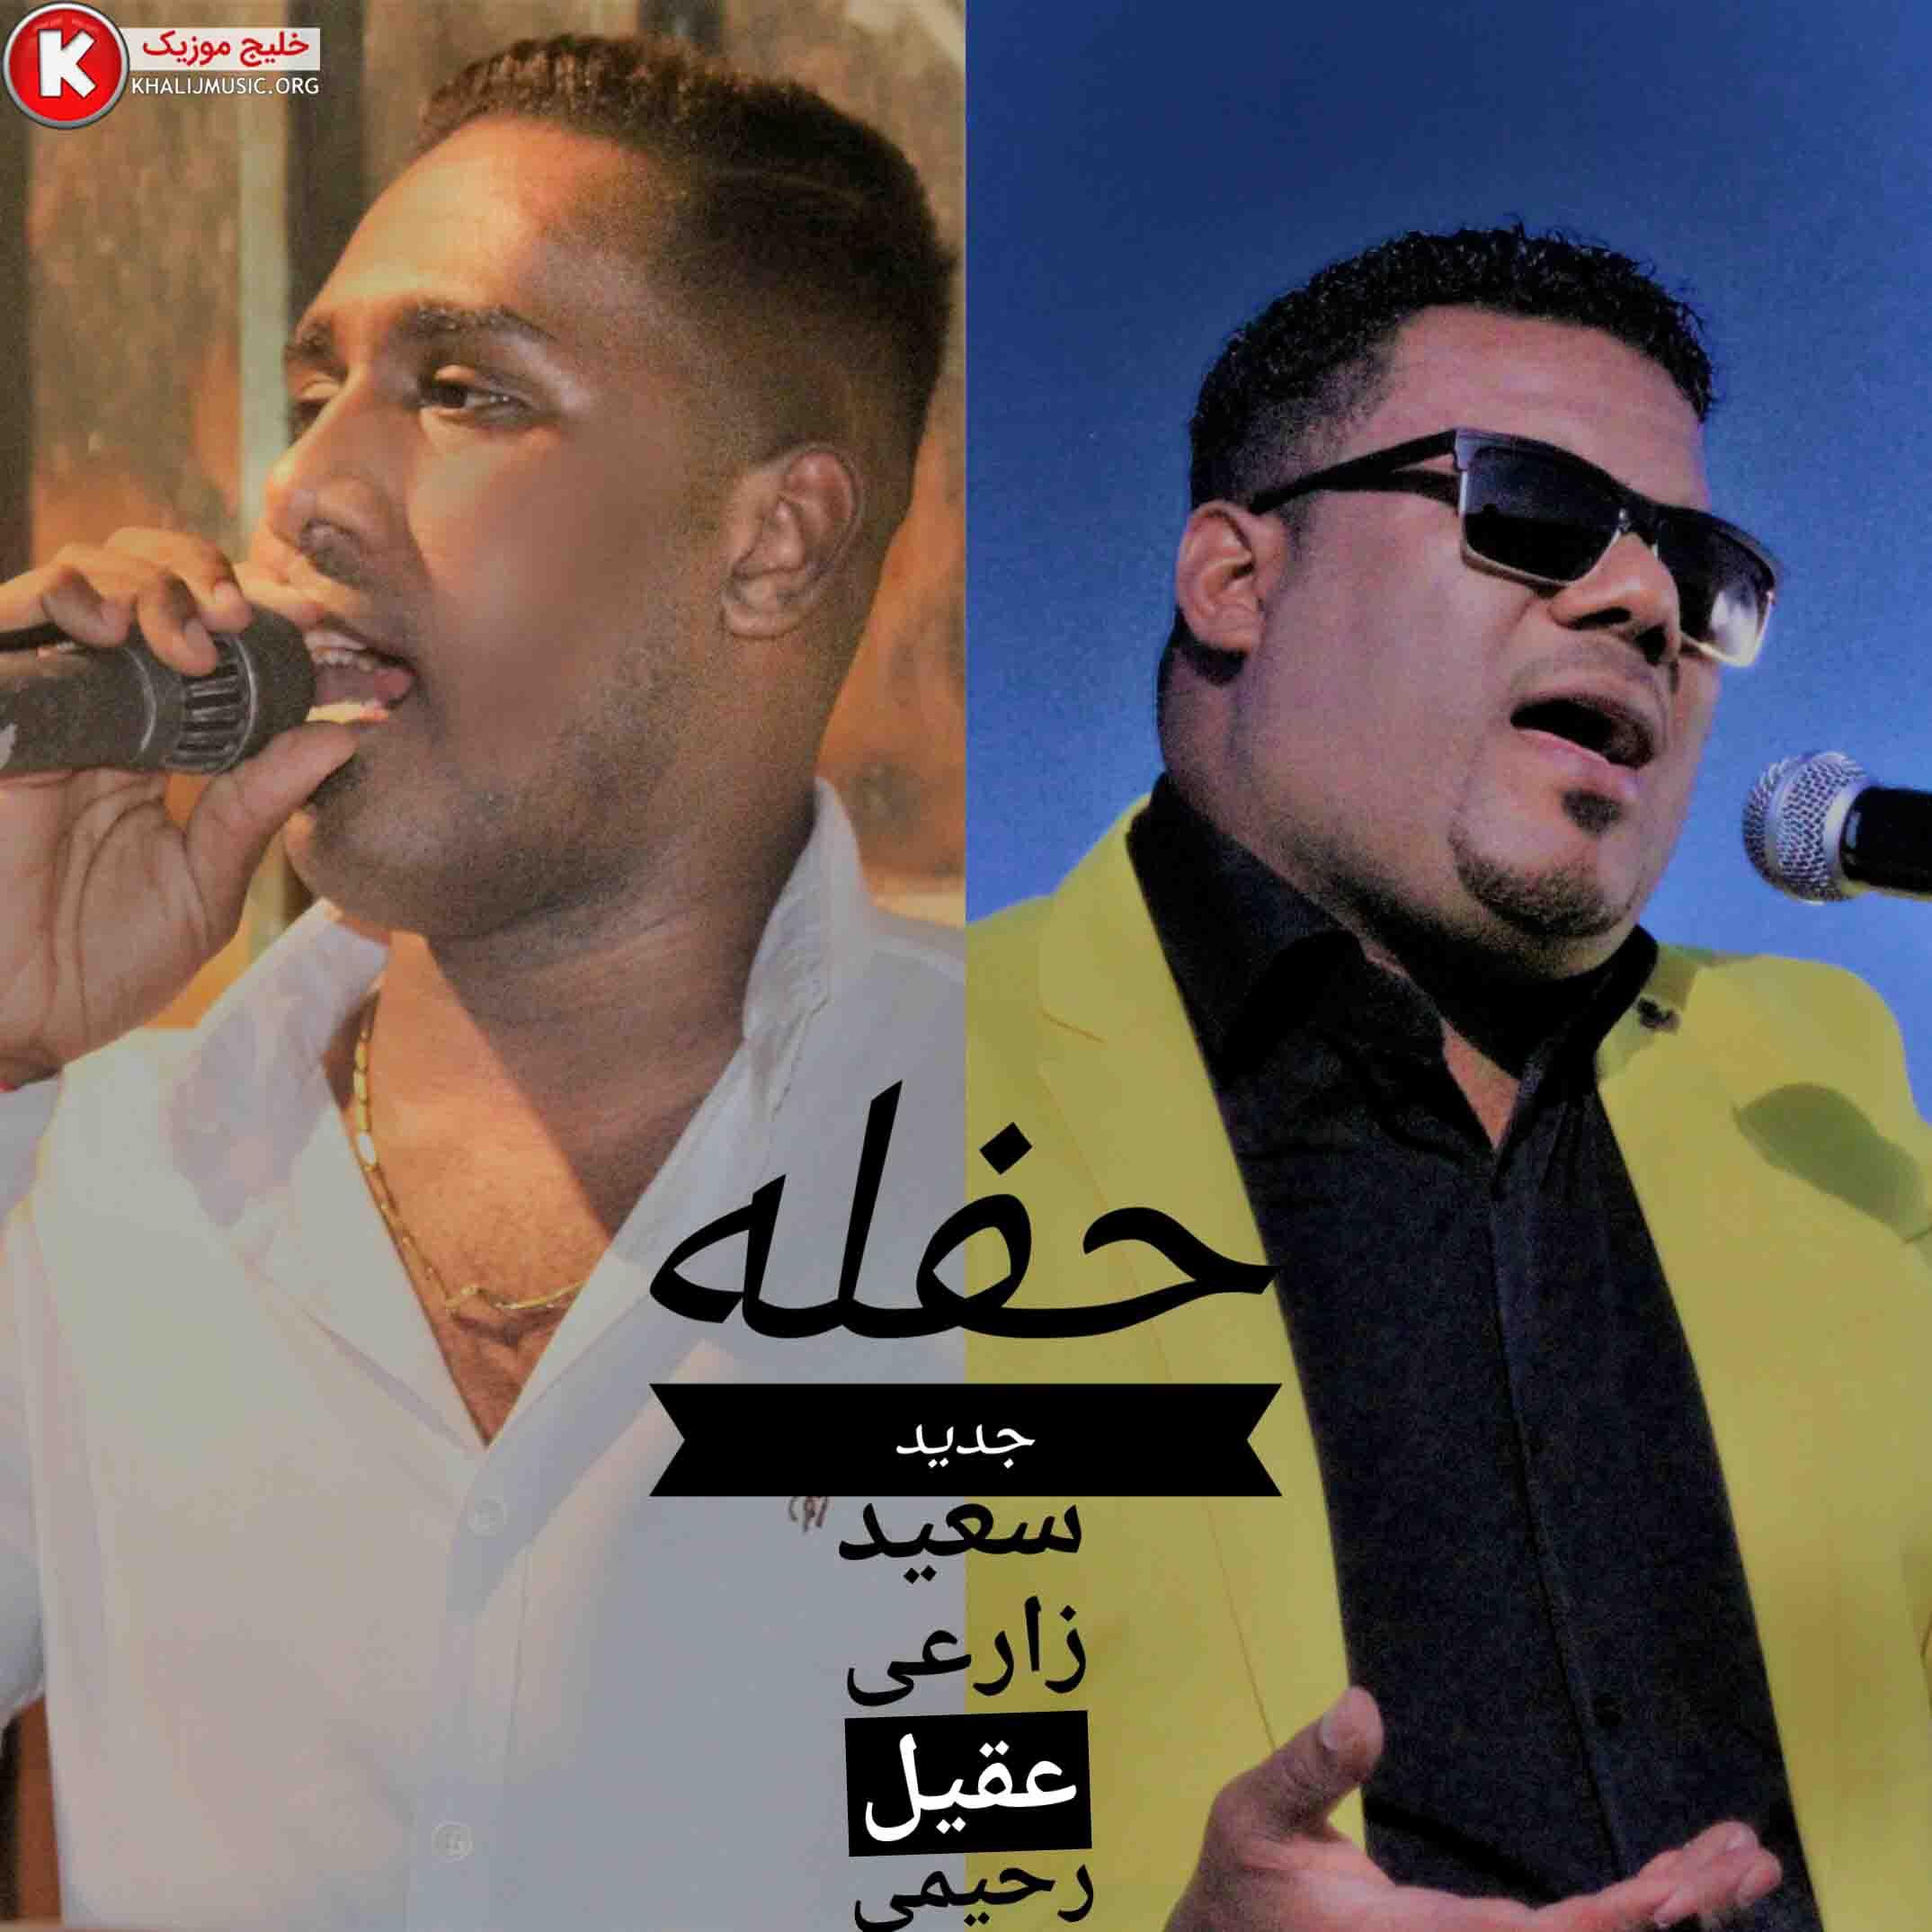 عقیل رحیمی و سعید زارعی دانلود آهنگ جدید اجرای زنده و بسیار زیبا و شنیدنی بصورت حفله